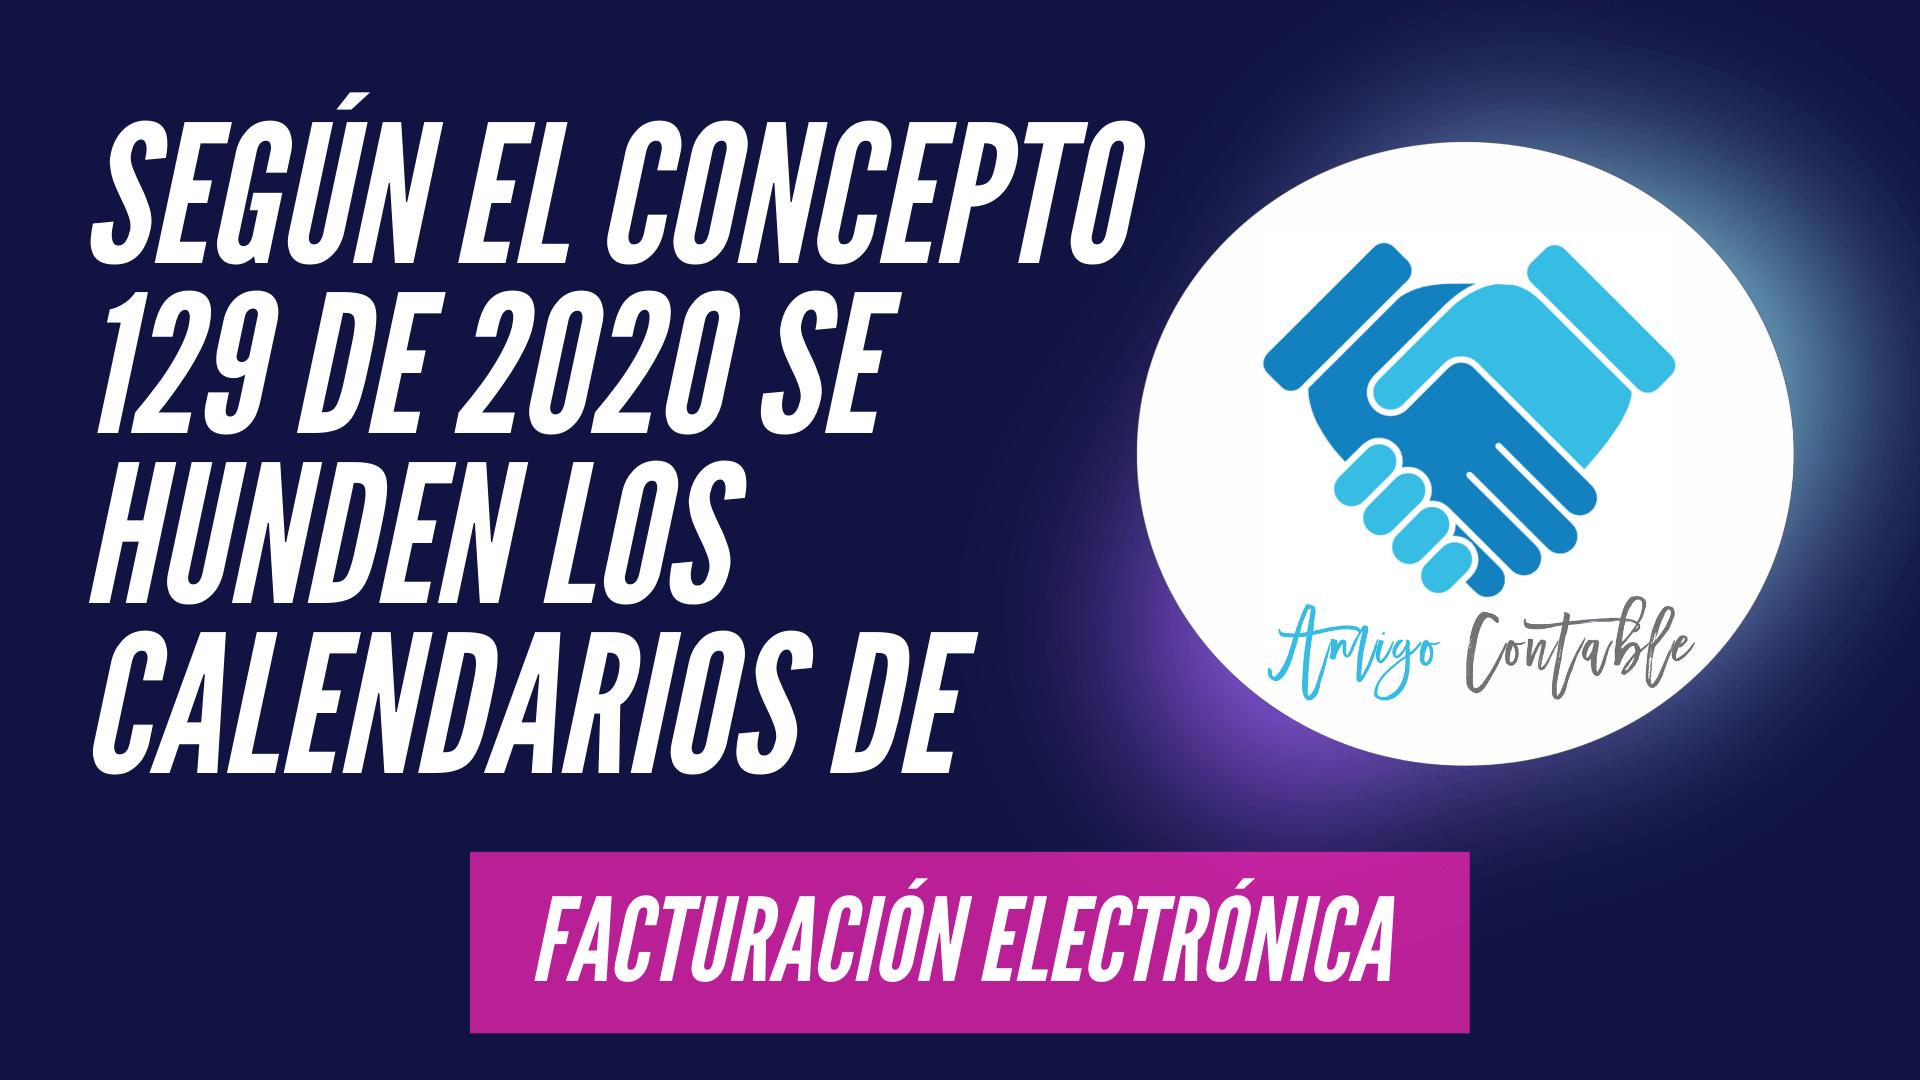 Factura electrónica sin calendarios para 2020. Concepto 129 de 2020